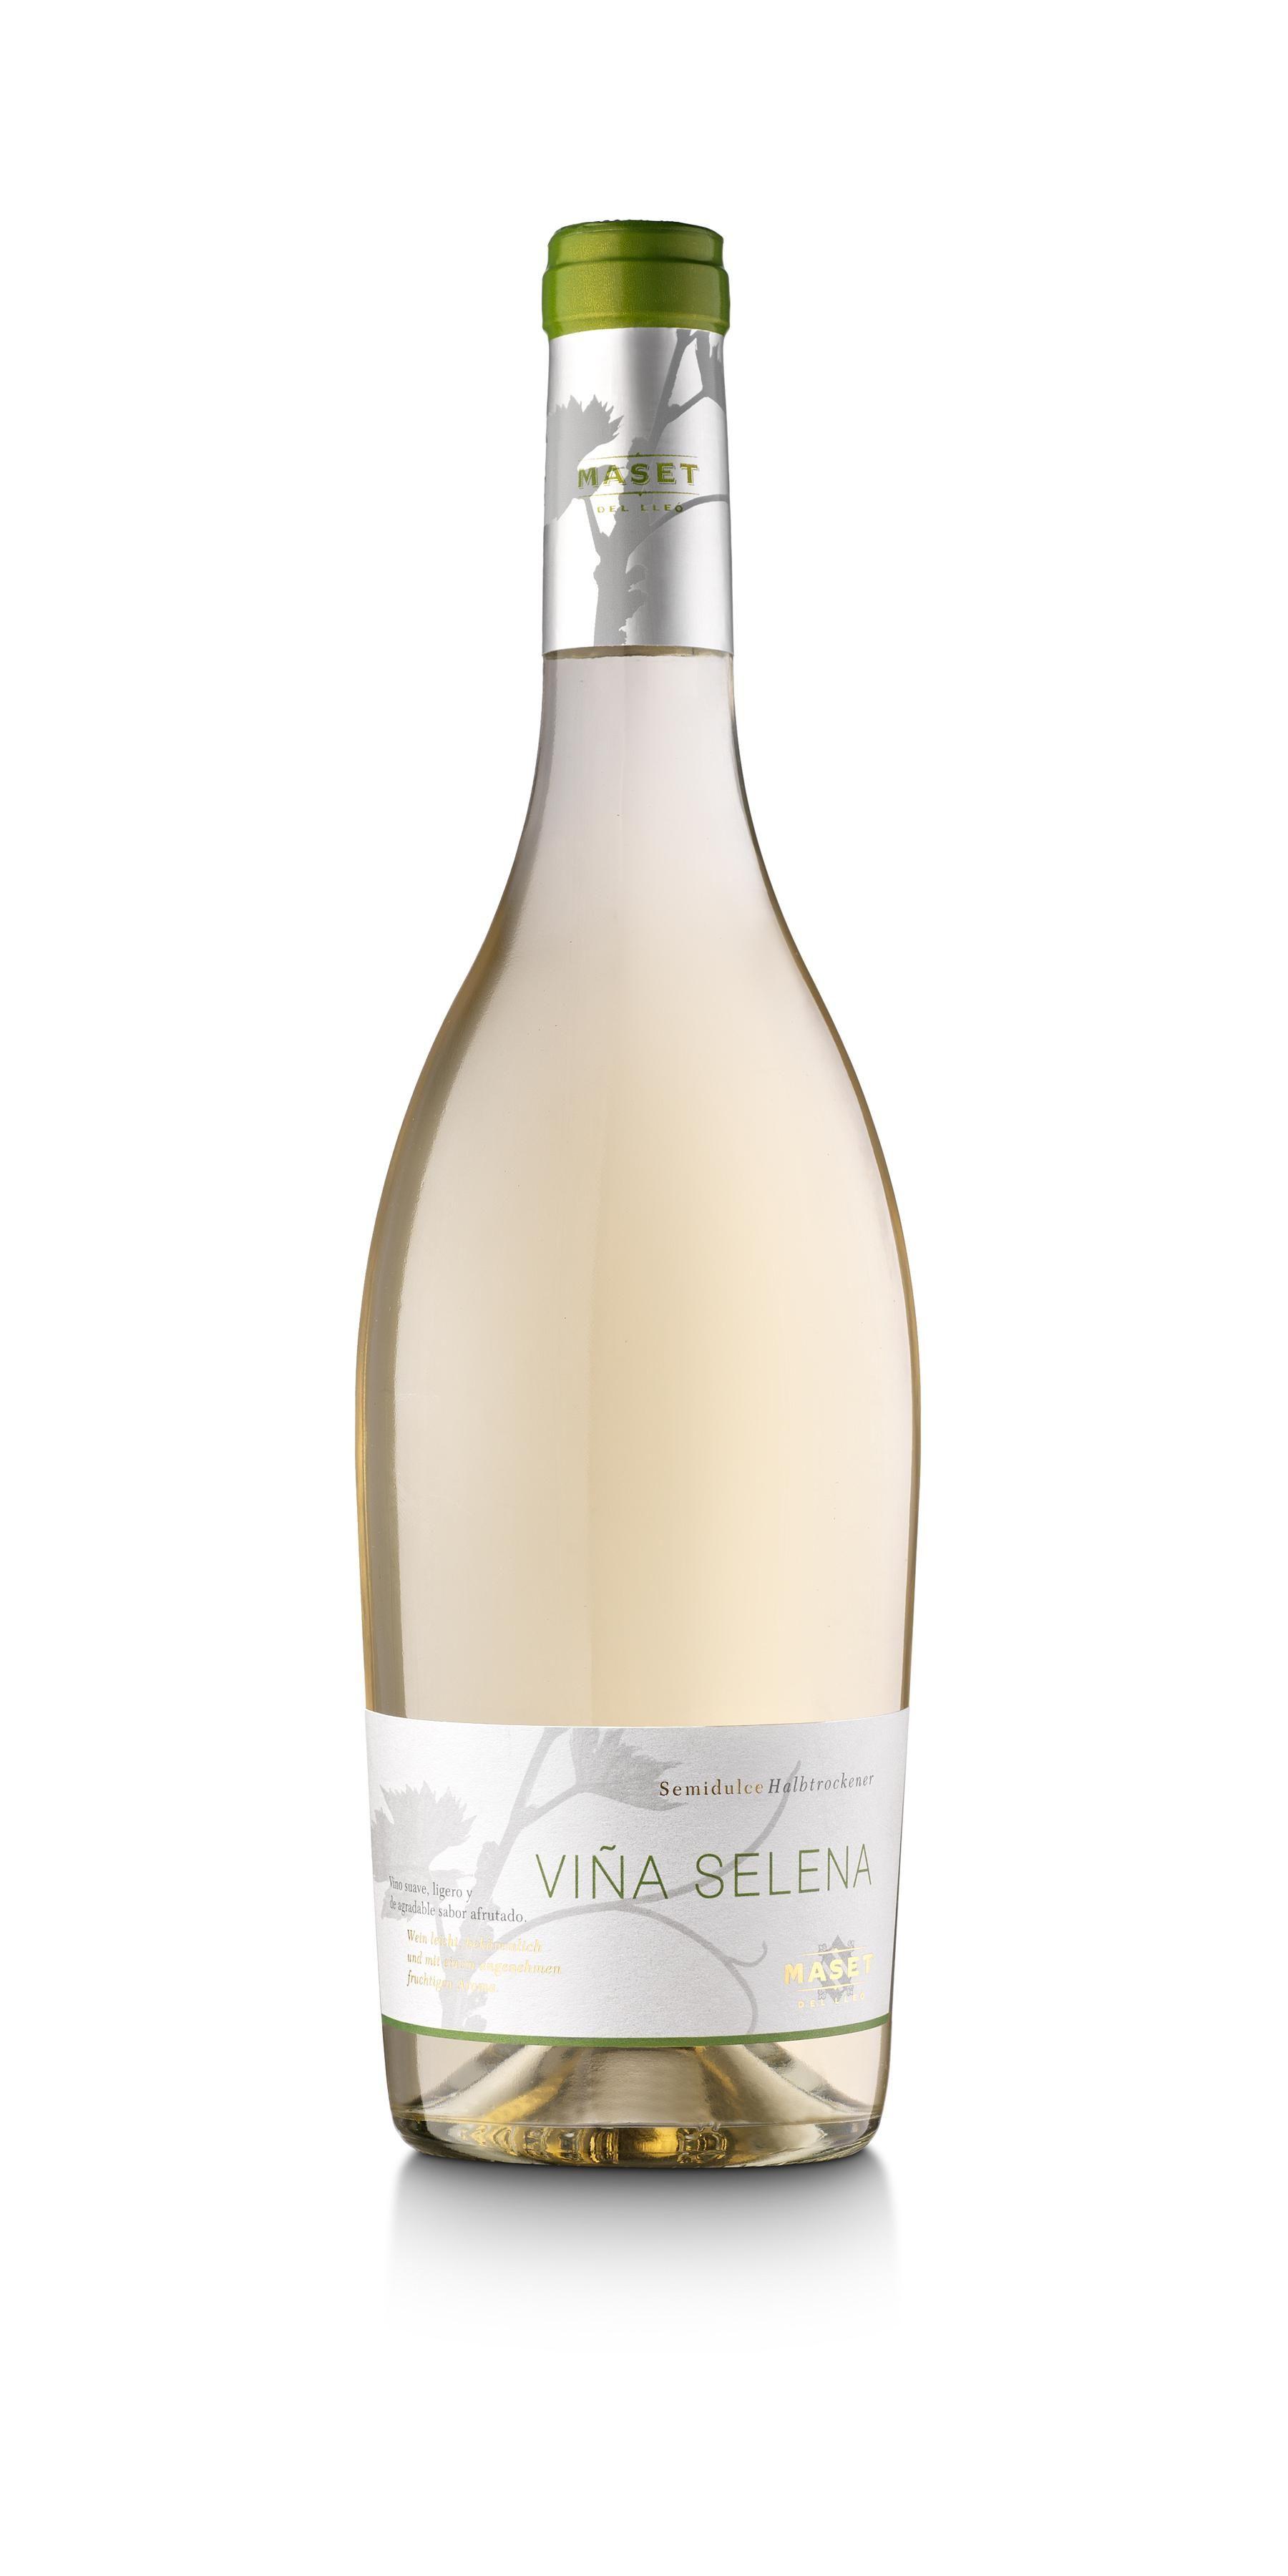 Vina Selena Botellas De Vino Vinos Vino Blanco